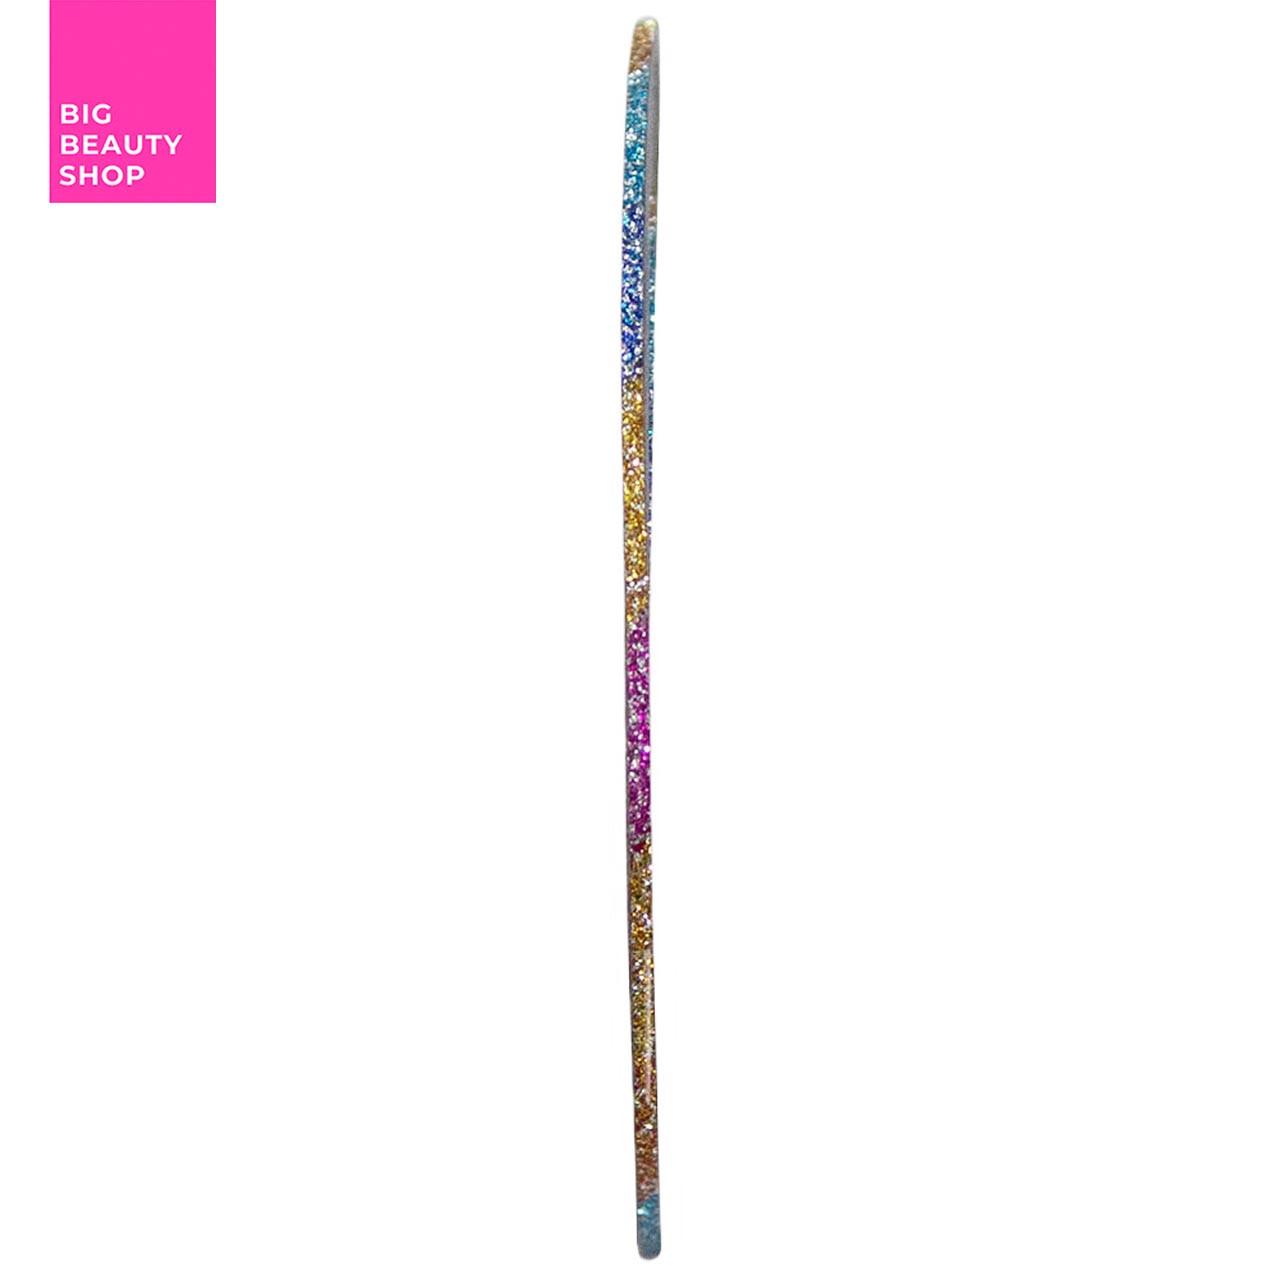 Голографическая полоска для ногтей ANVI 1 мм (цветная с блестками)